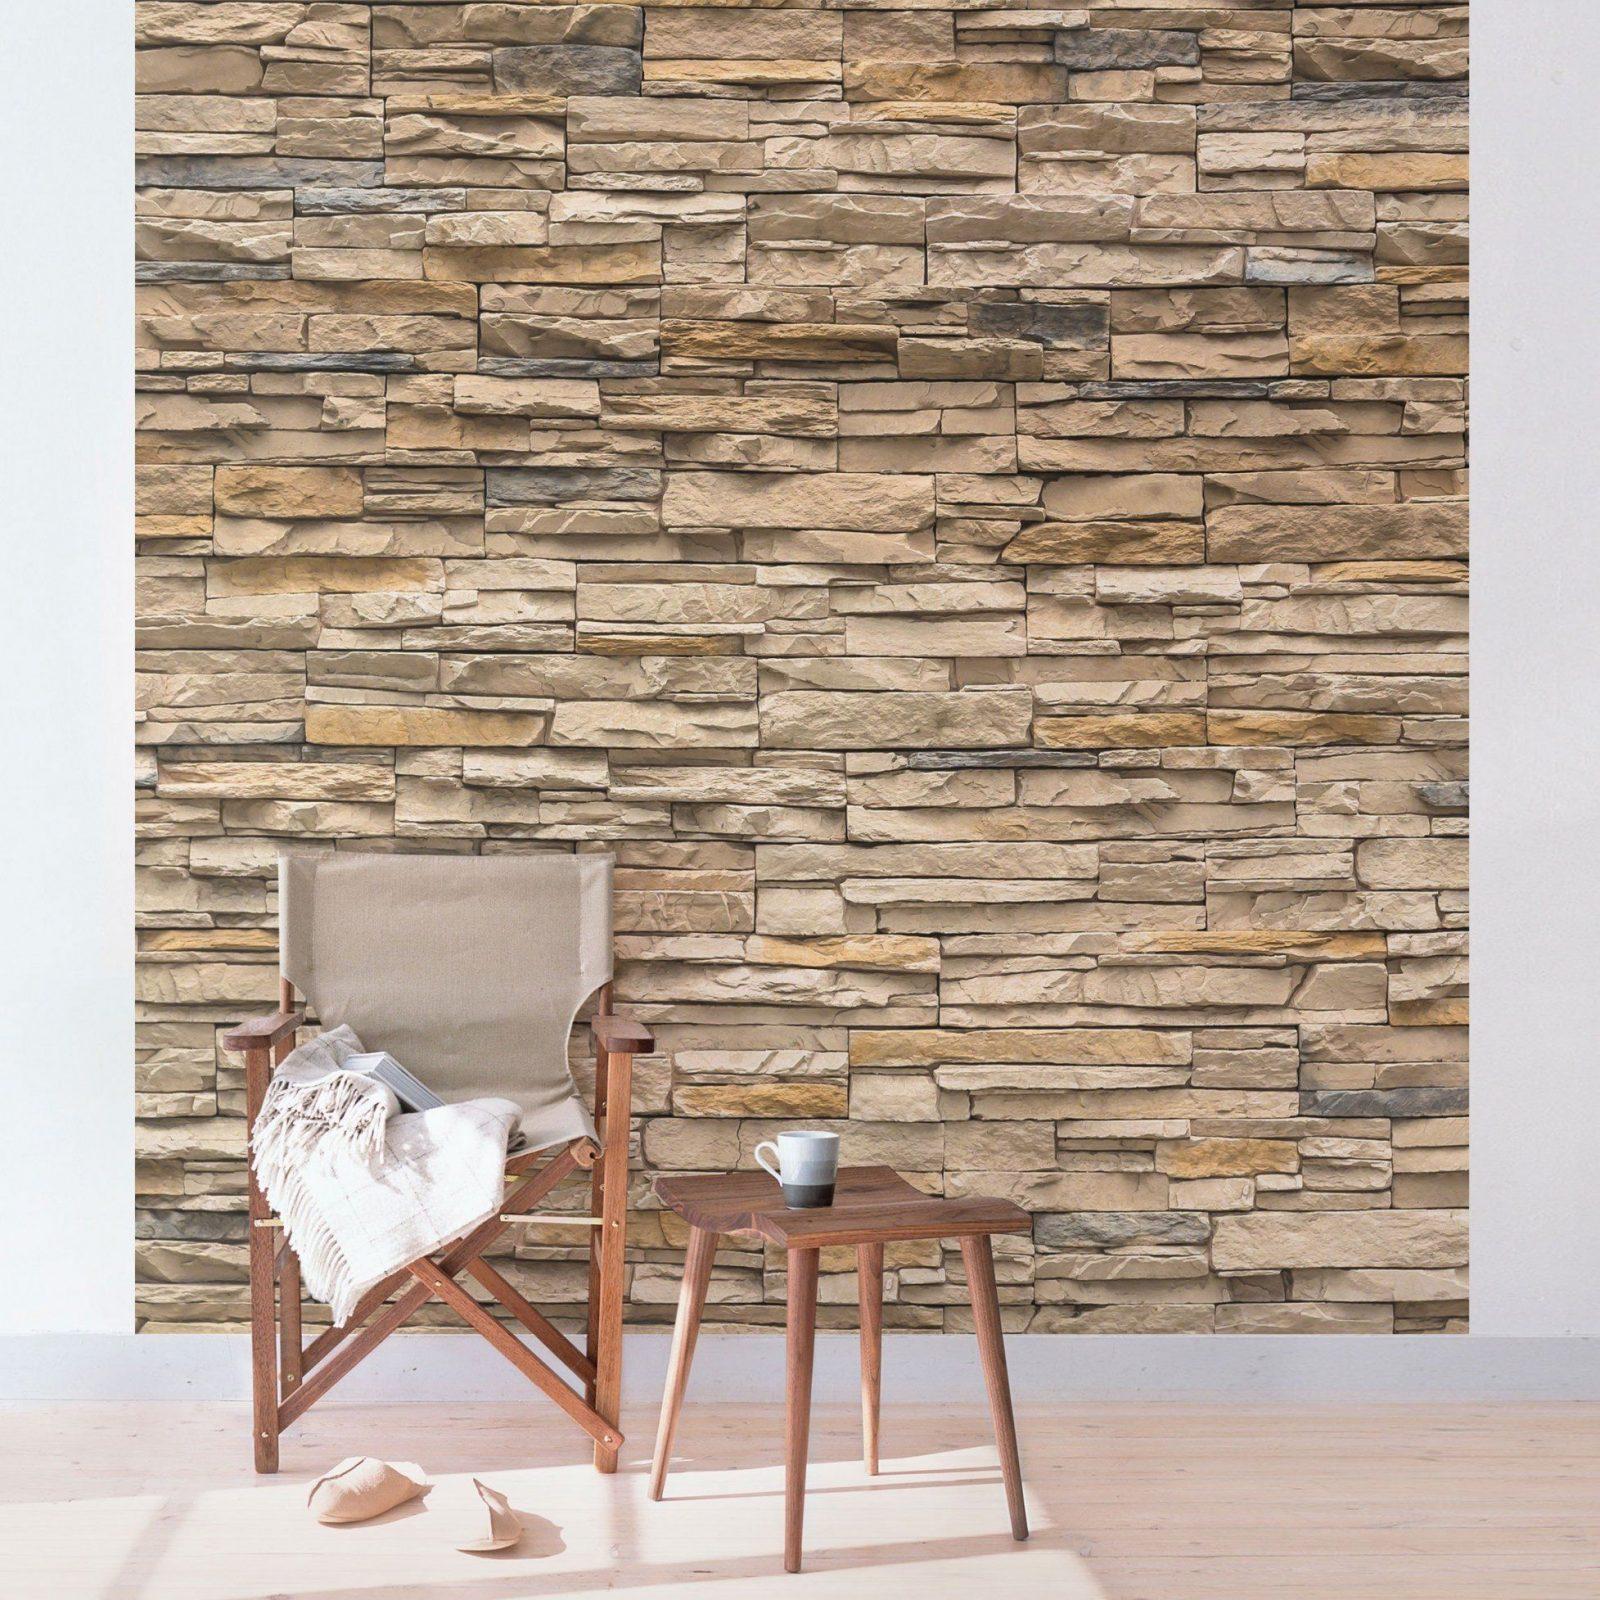 Unbelievable Steintapete Beige Wohnzimmer Braun Grau 3D Stein Tapete von Tapete Steinoptik 3D Wohnzimmer Bild